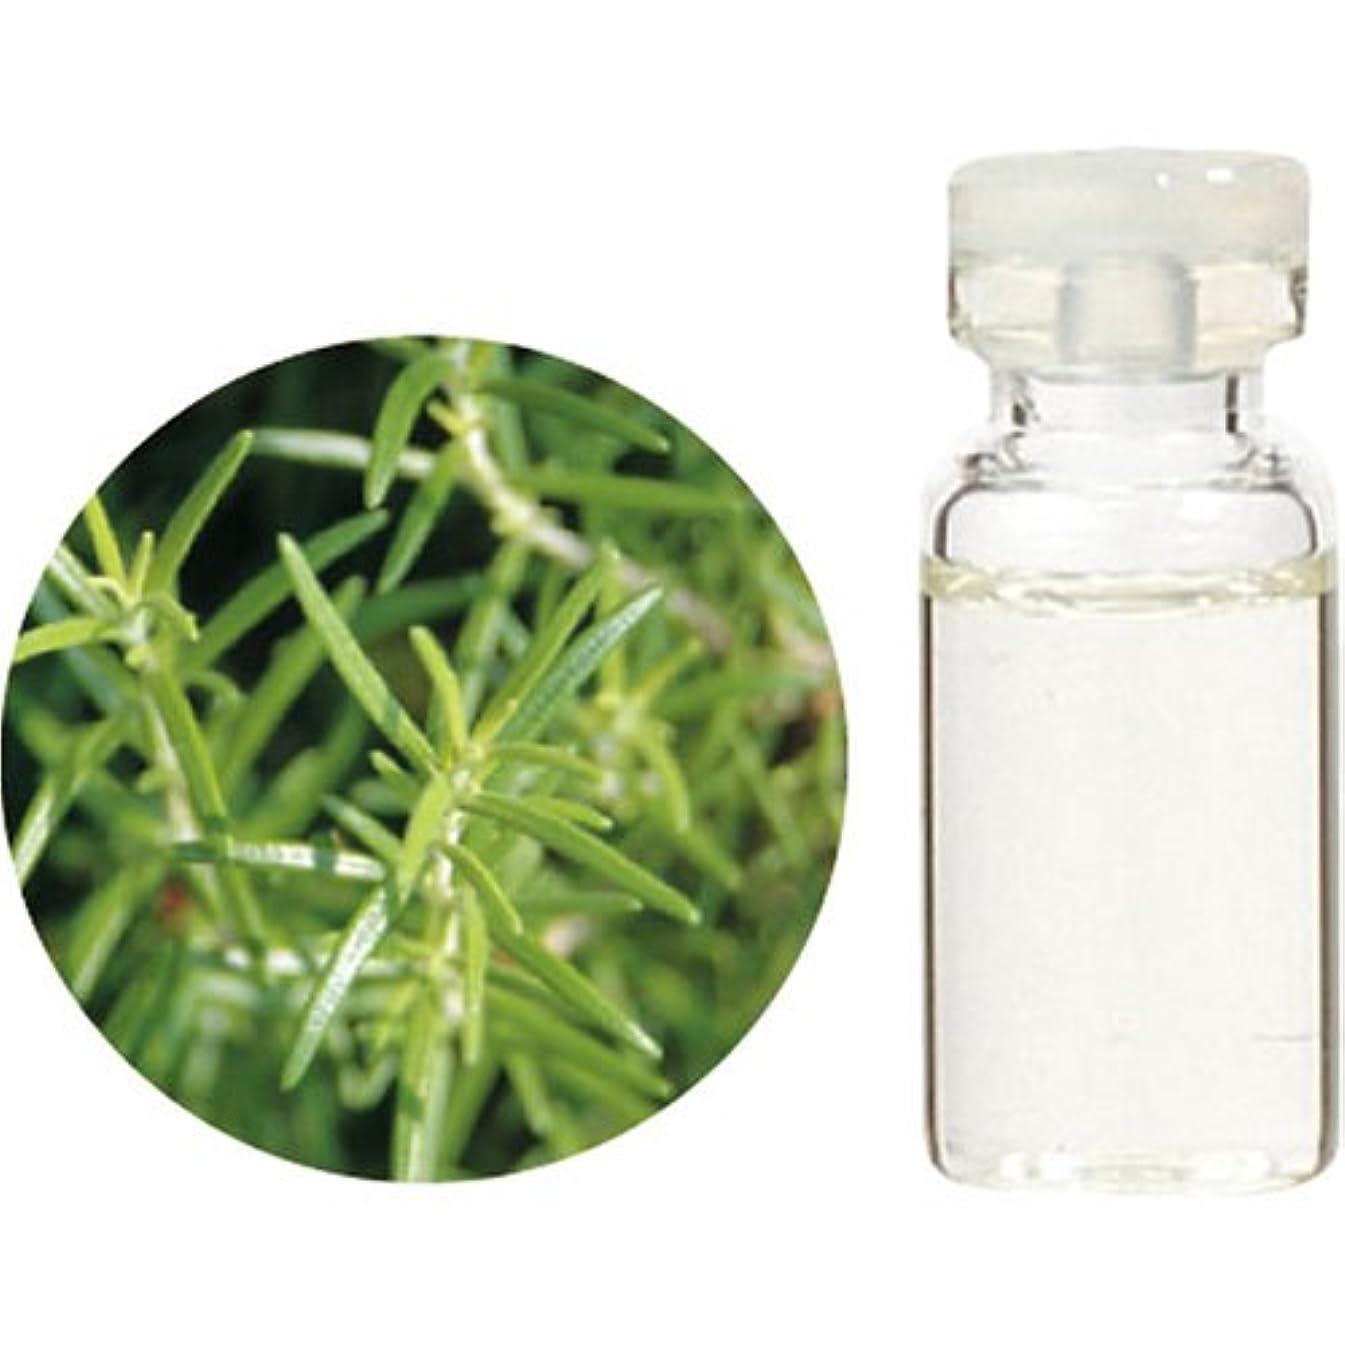 提出する草移動生活の木 Cローズマリー シネオール エッセンシャルオイル 3ml